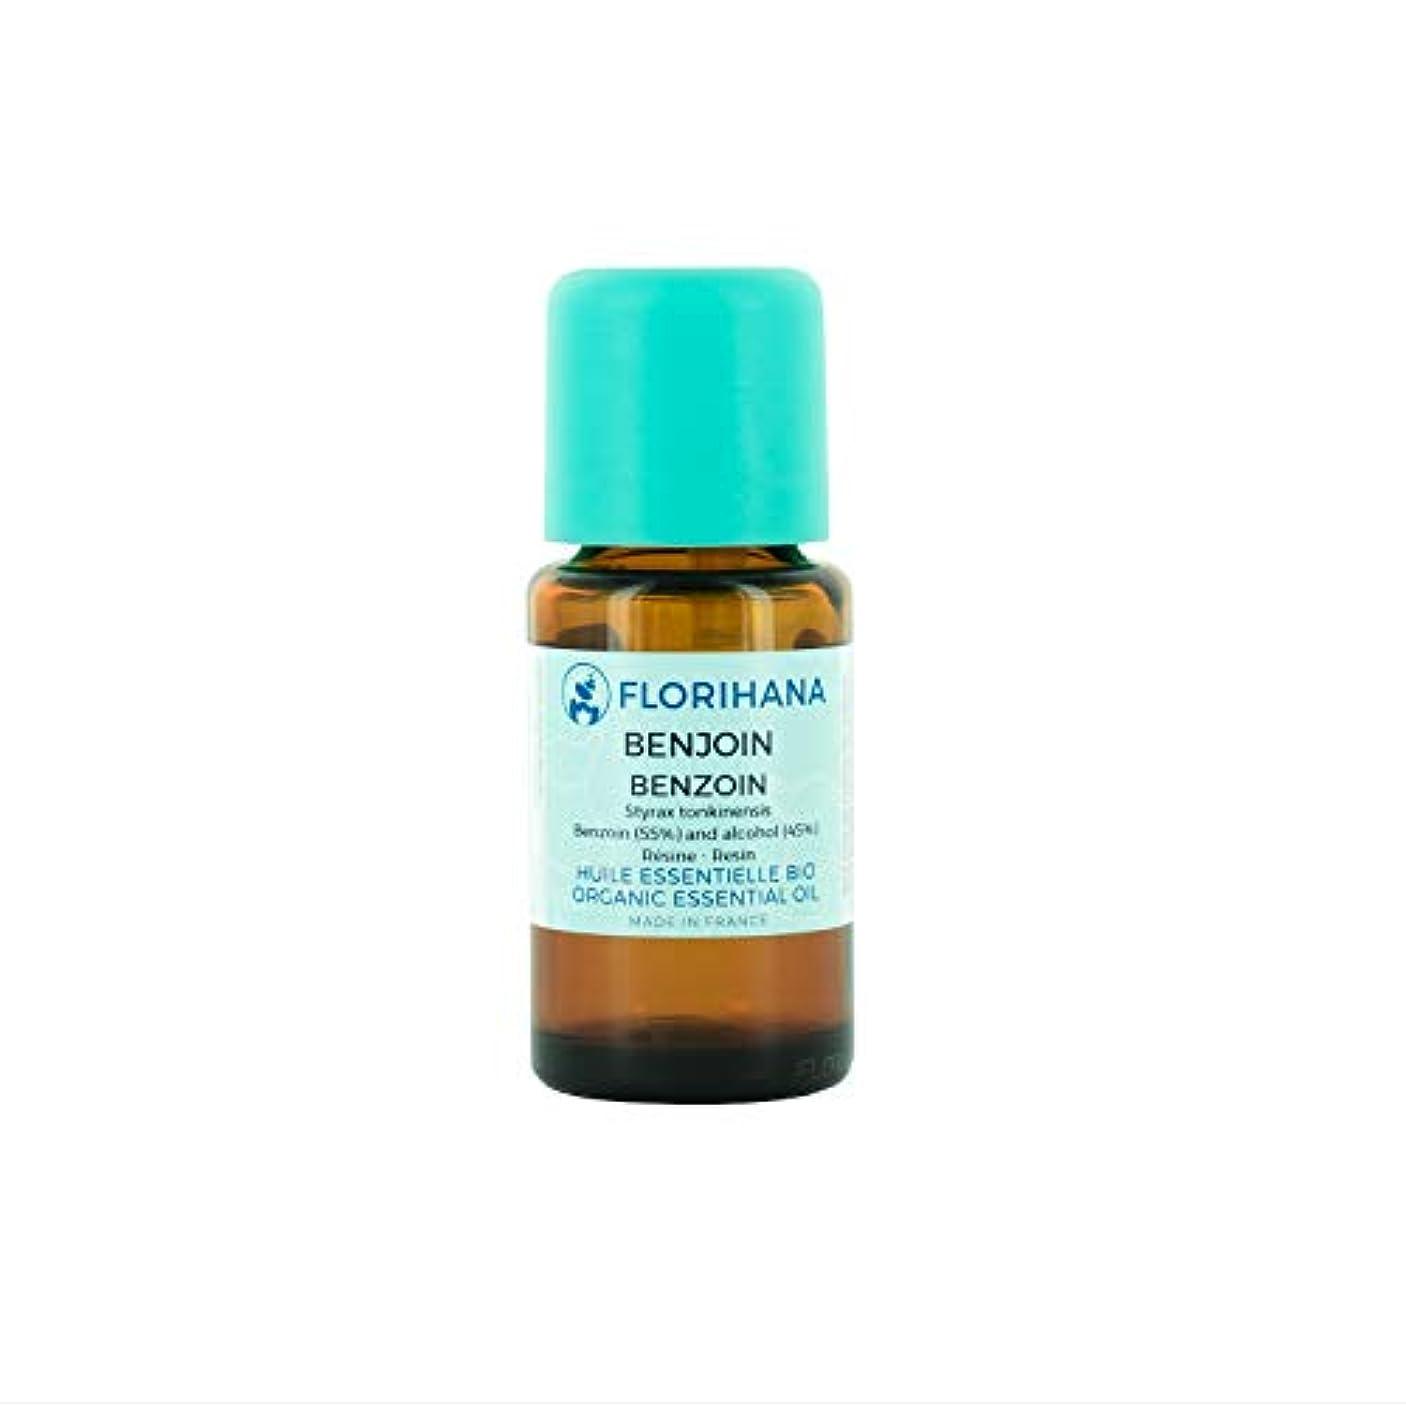 爆発する時代発行するFlorihana オーガニックエッセンシャルオイル ベンゾイン 5g(5ml)